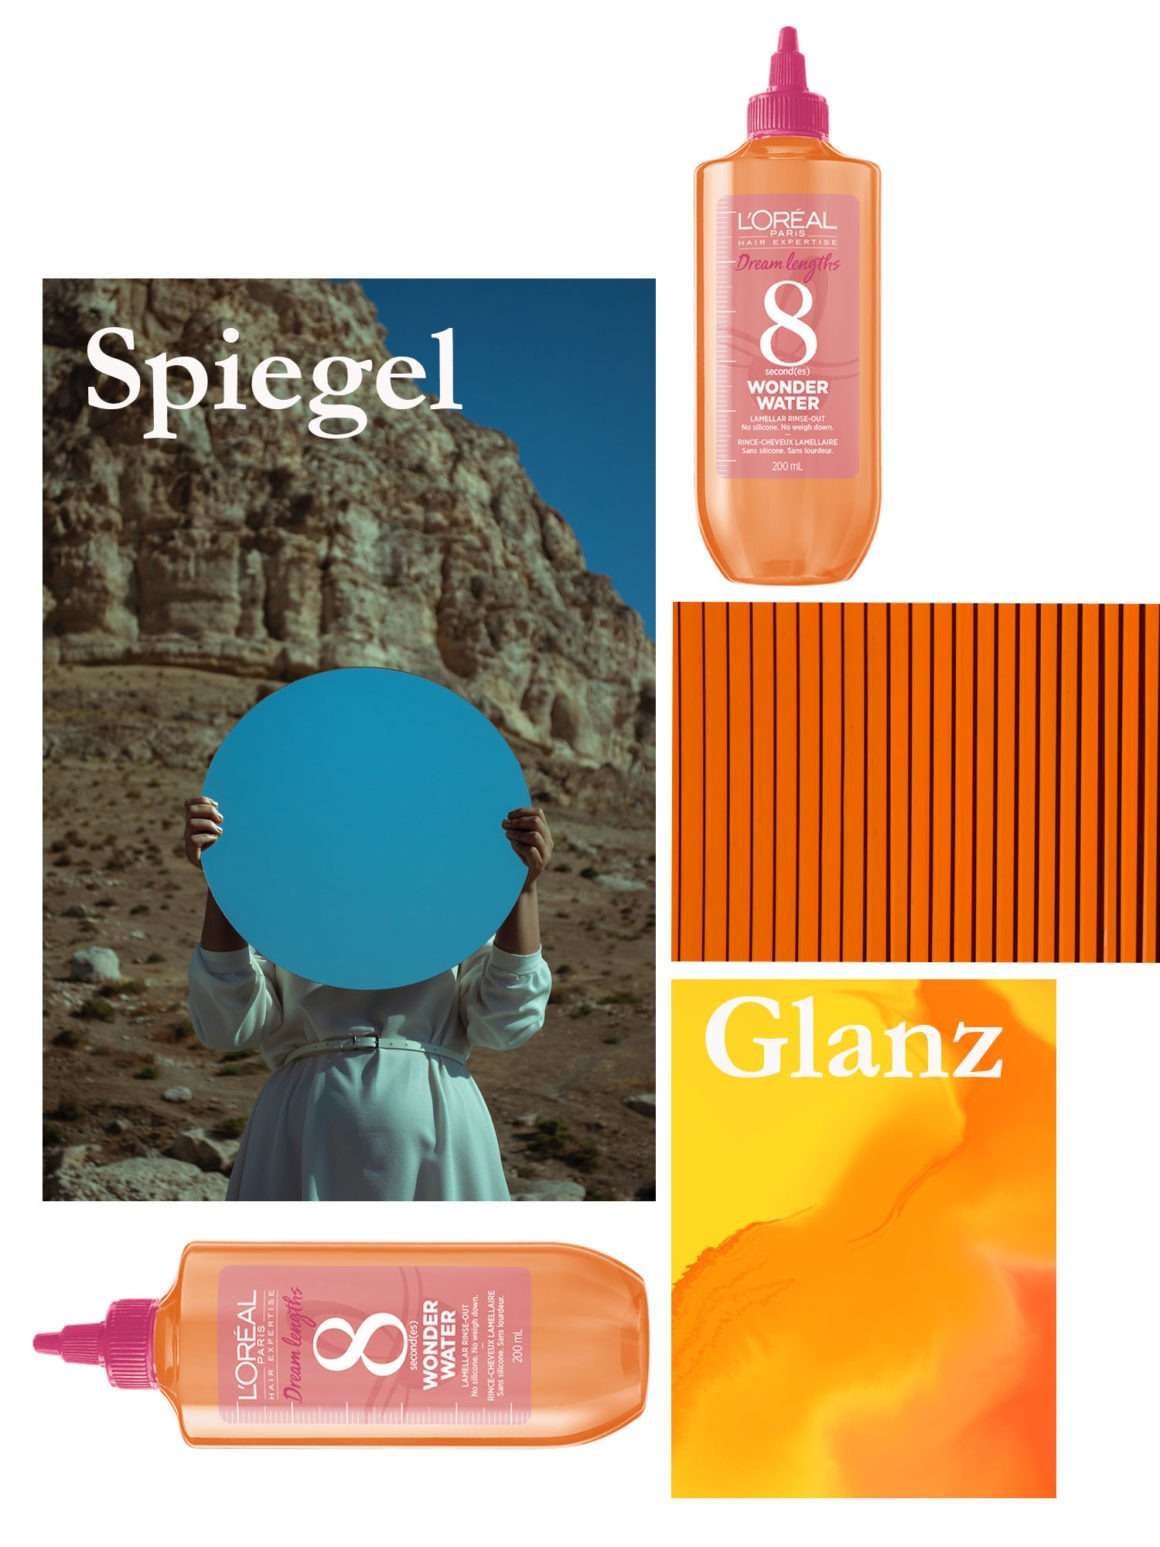 Beautyblog BareMinds L'Oréal Paris Wonder Water Erfahrung_V